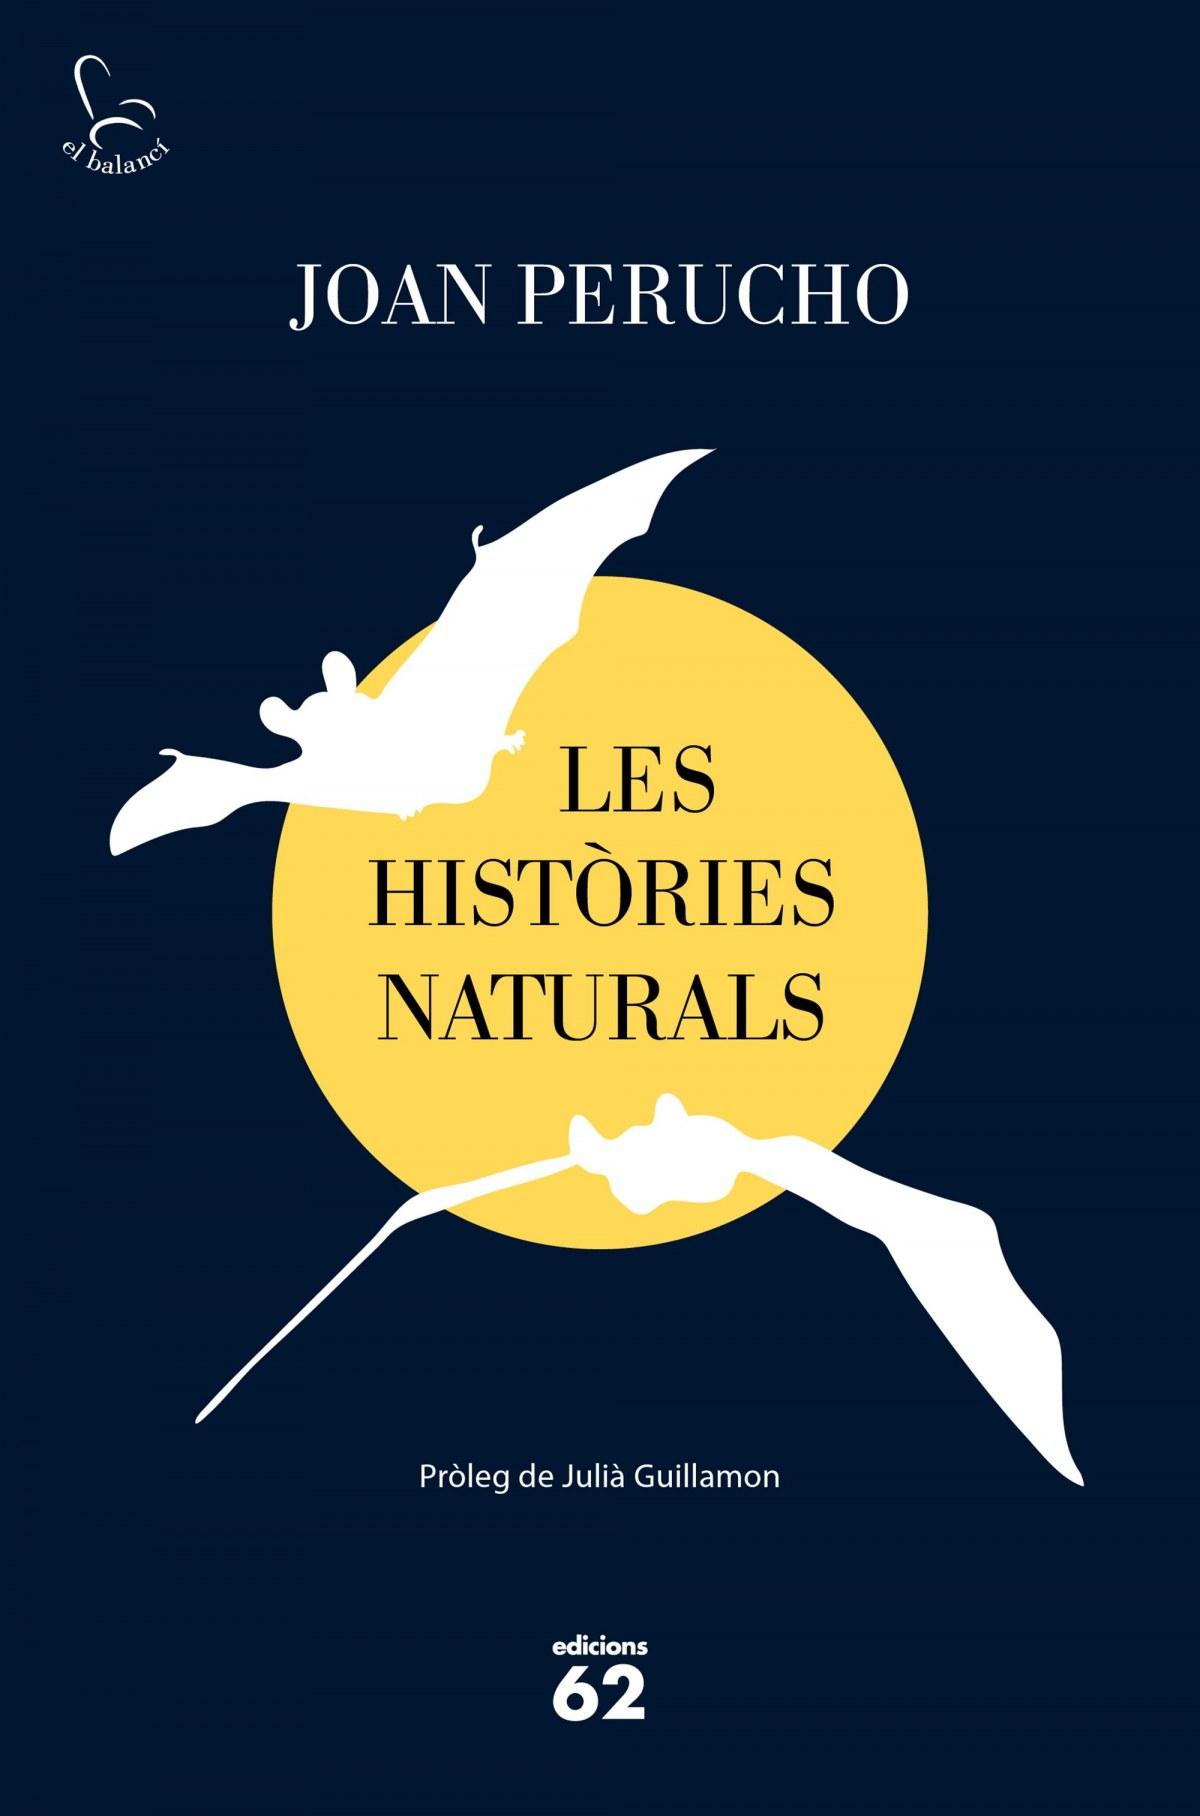 LES HISTORIES NATURALS